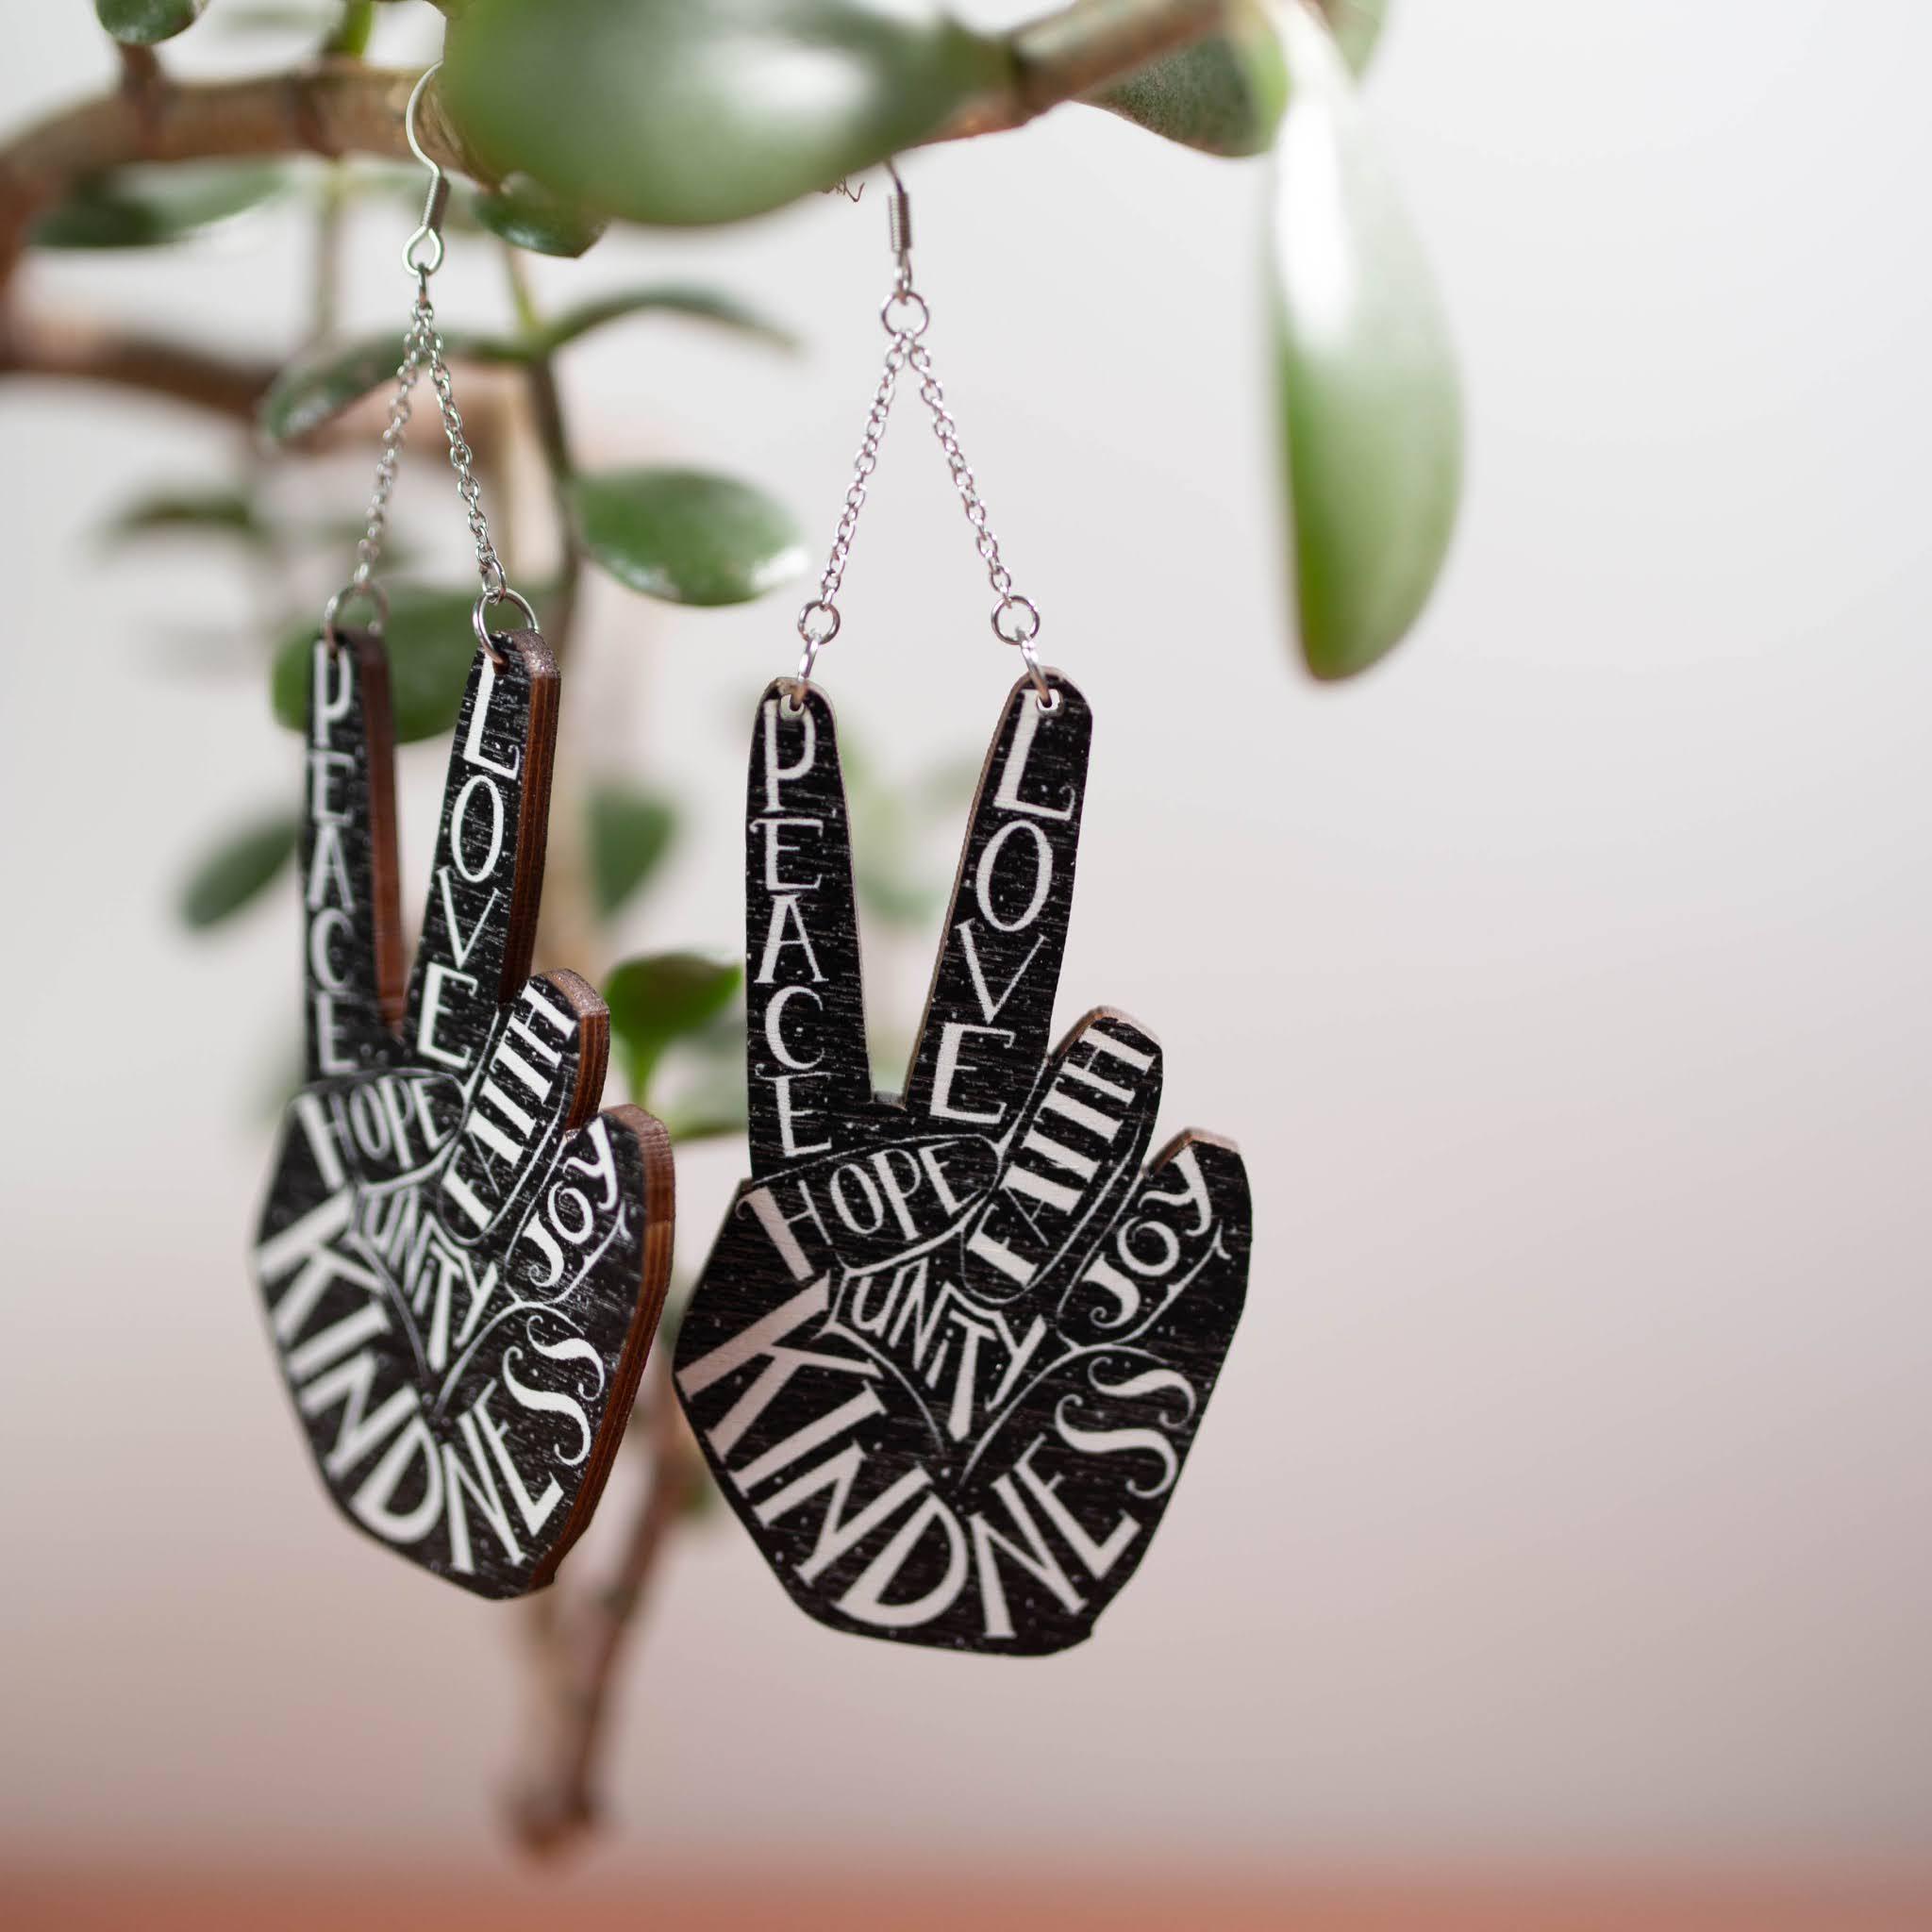 Vanerista tehdyt käsin näytetyn peace-merkin malliset korvakorut joissa on mustalla pohjalla valkeaa tekstiä.